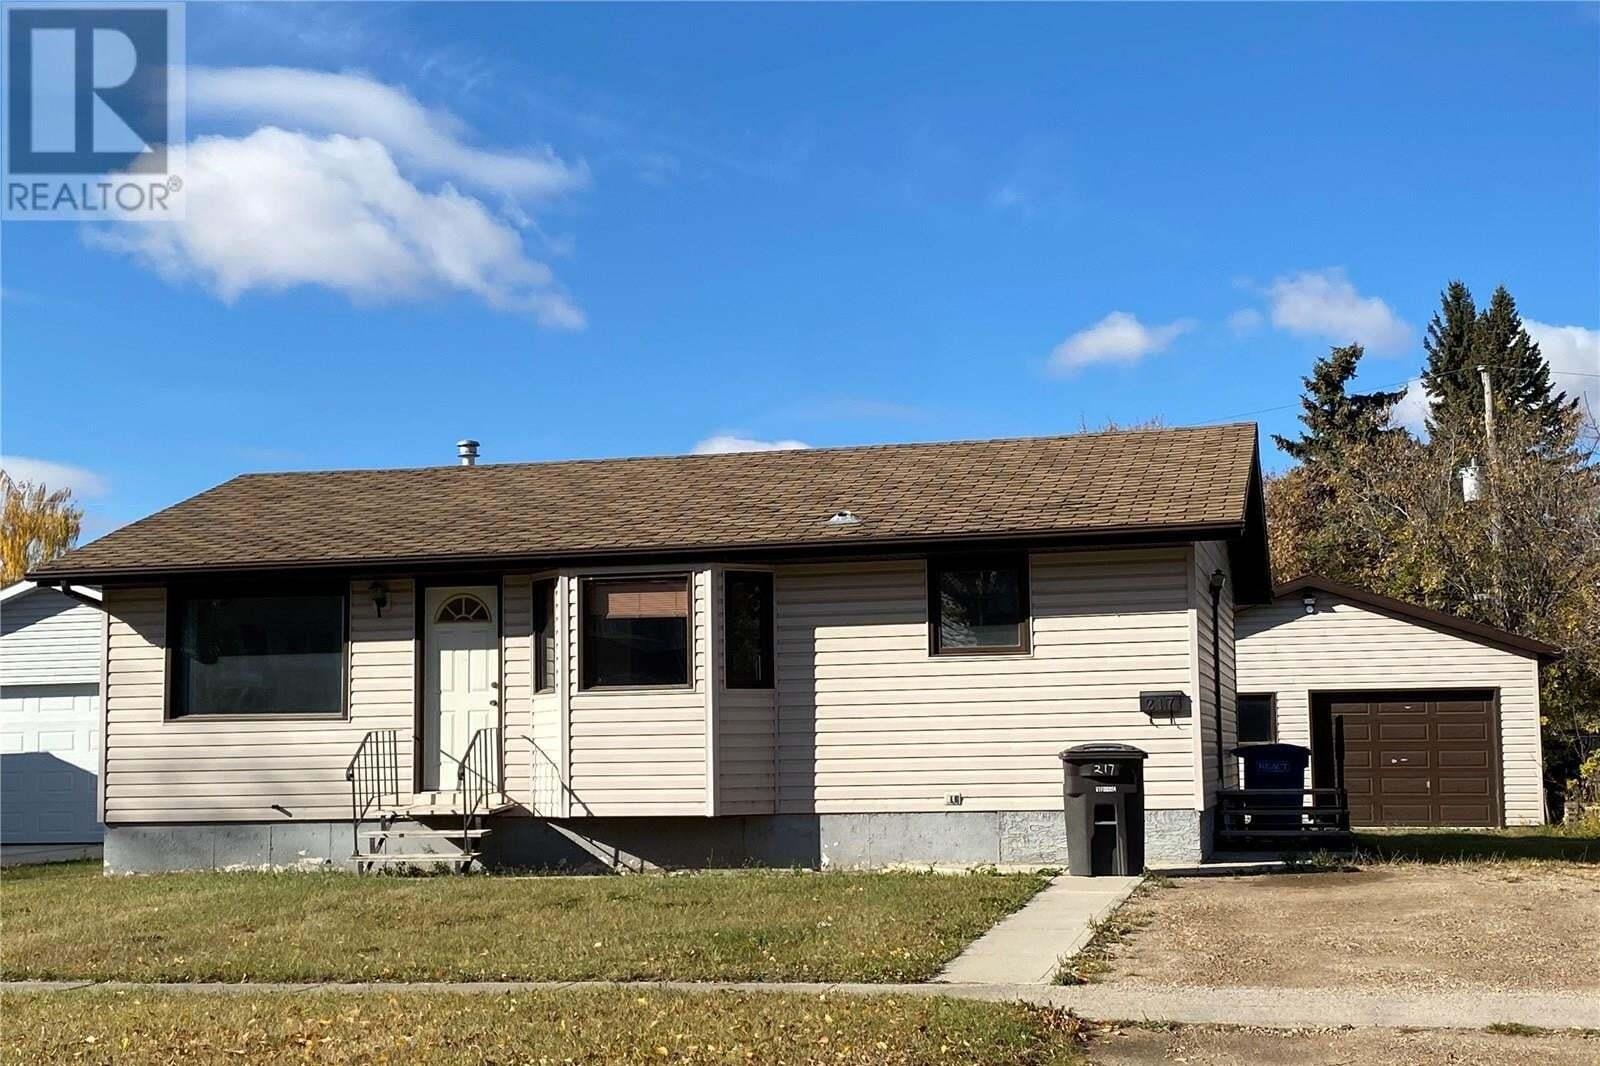 House for sale at 217 5th St Humboldt Saskatchewan - MLS: SK830388